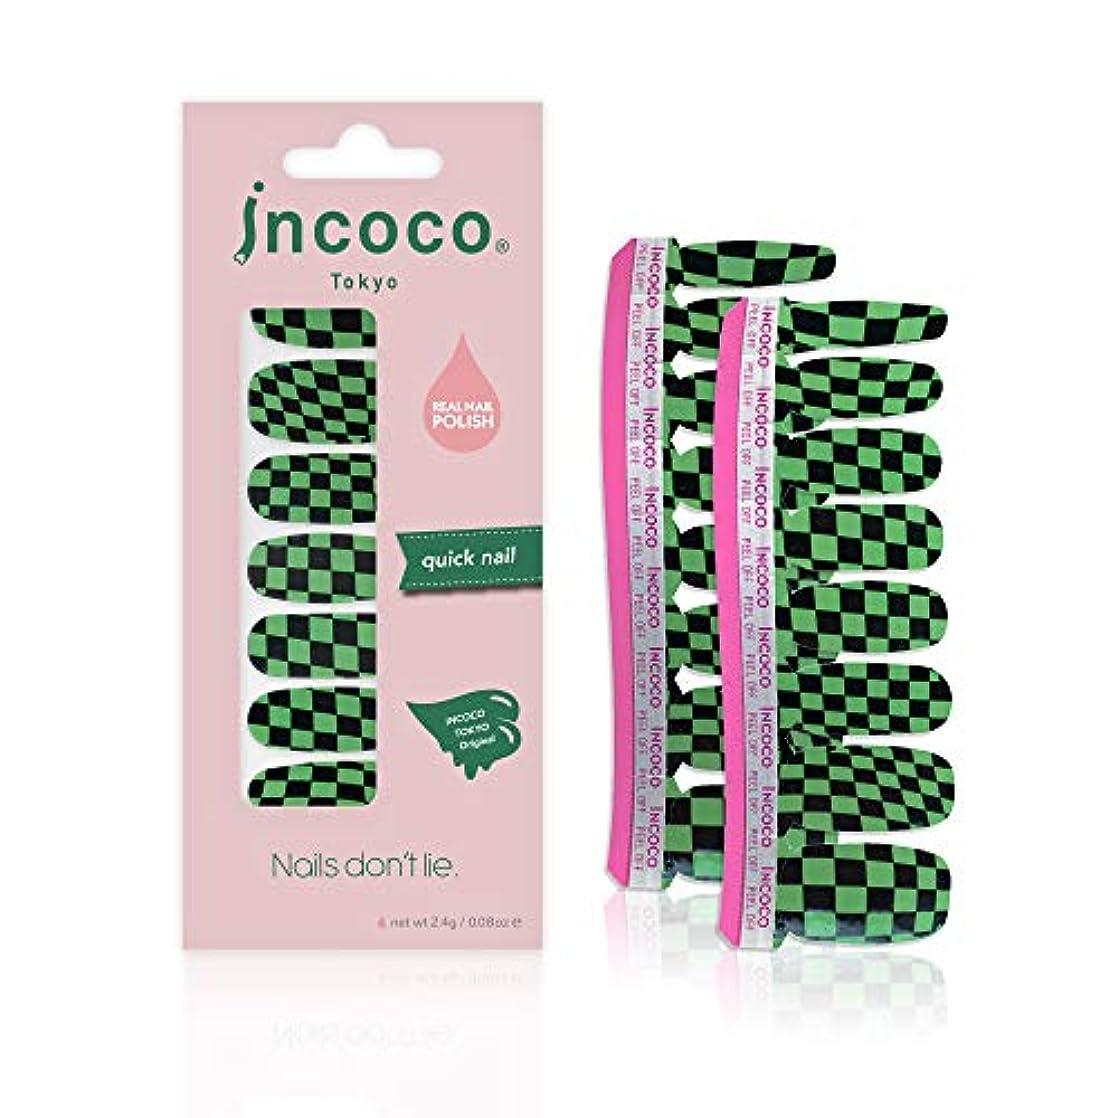 興味急流気質インココ トーキョー 「グリーン チェッカー」 (Green Checker)